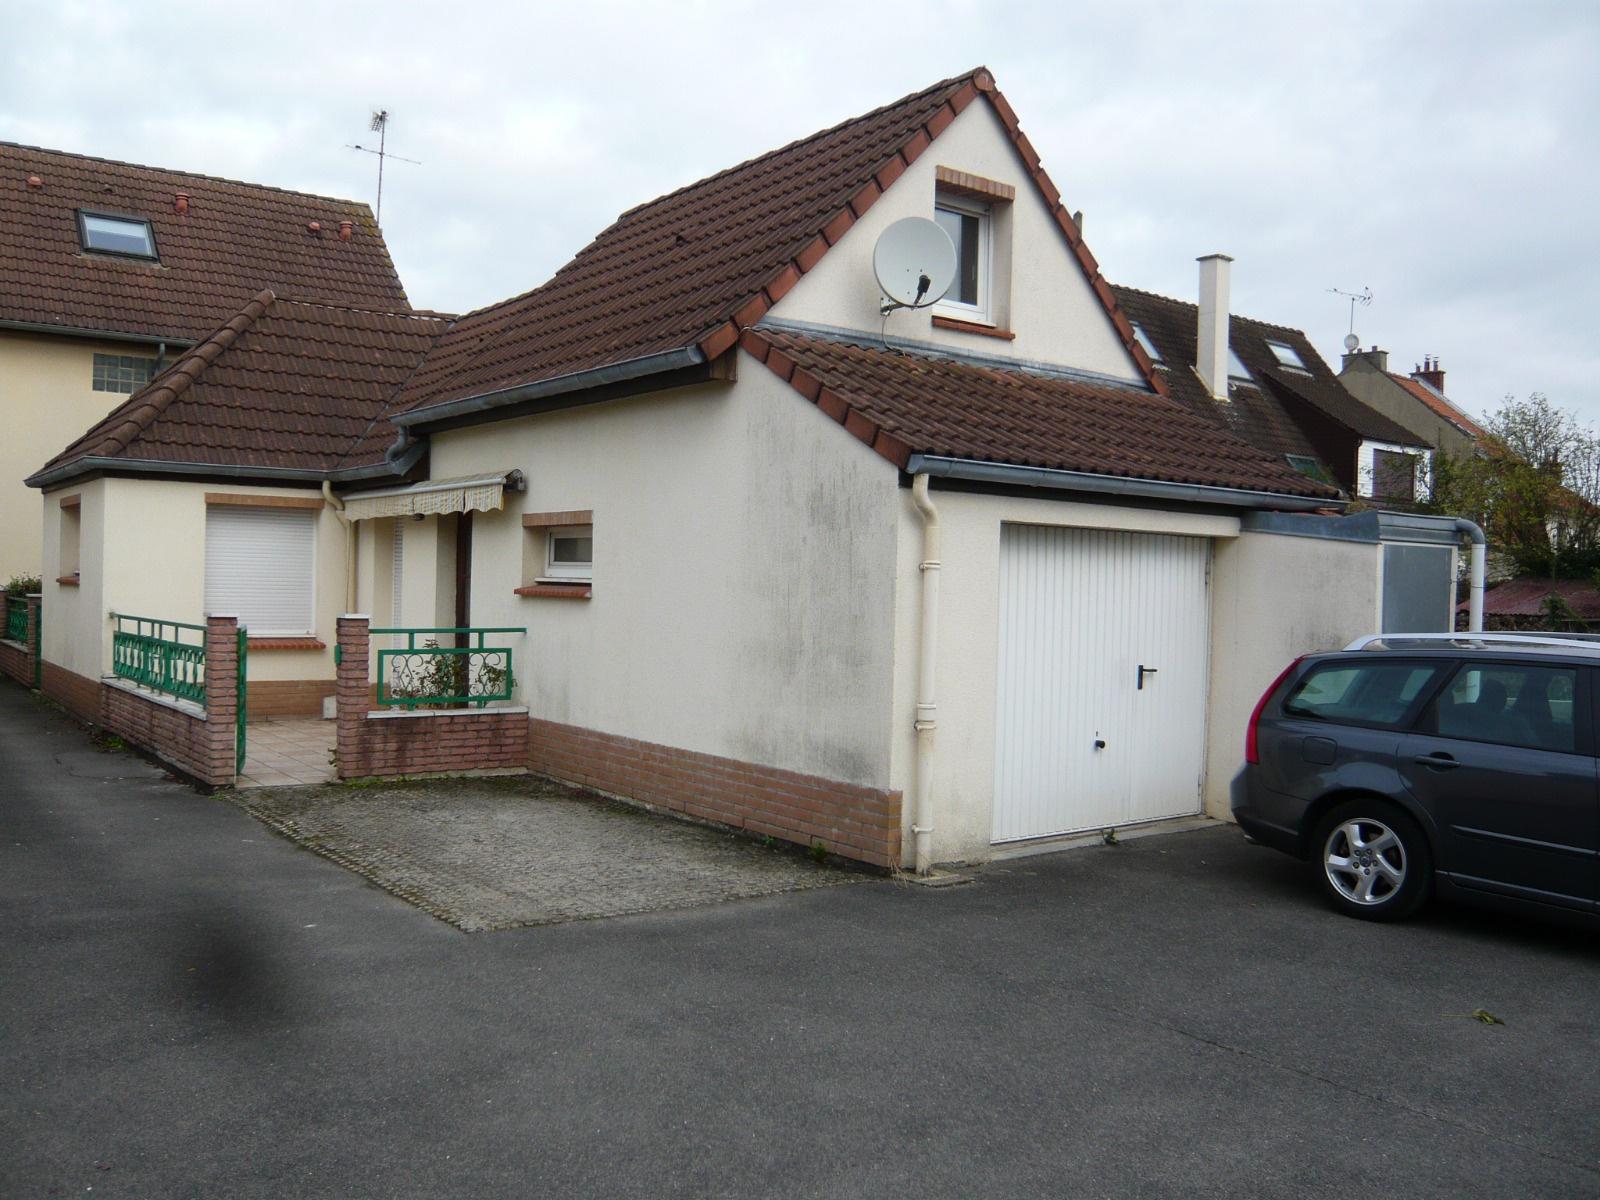 Vente amiens sud petite maison avec garage et studette for Garage maison